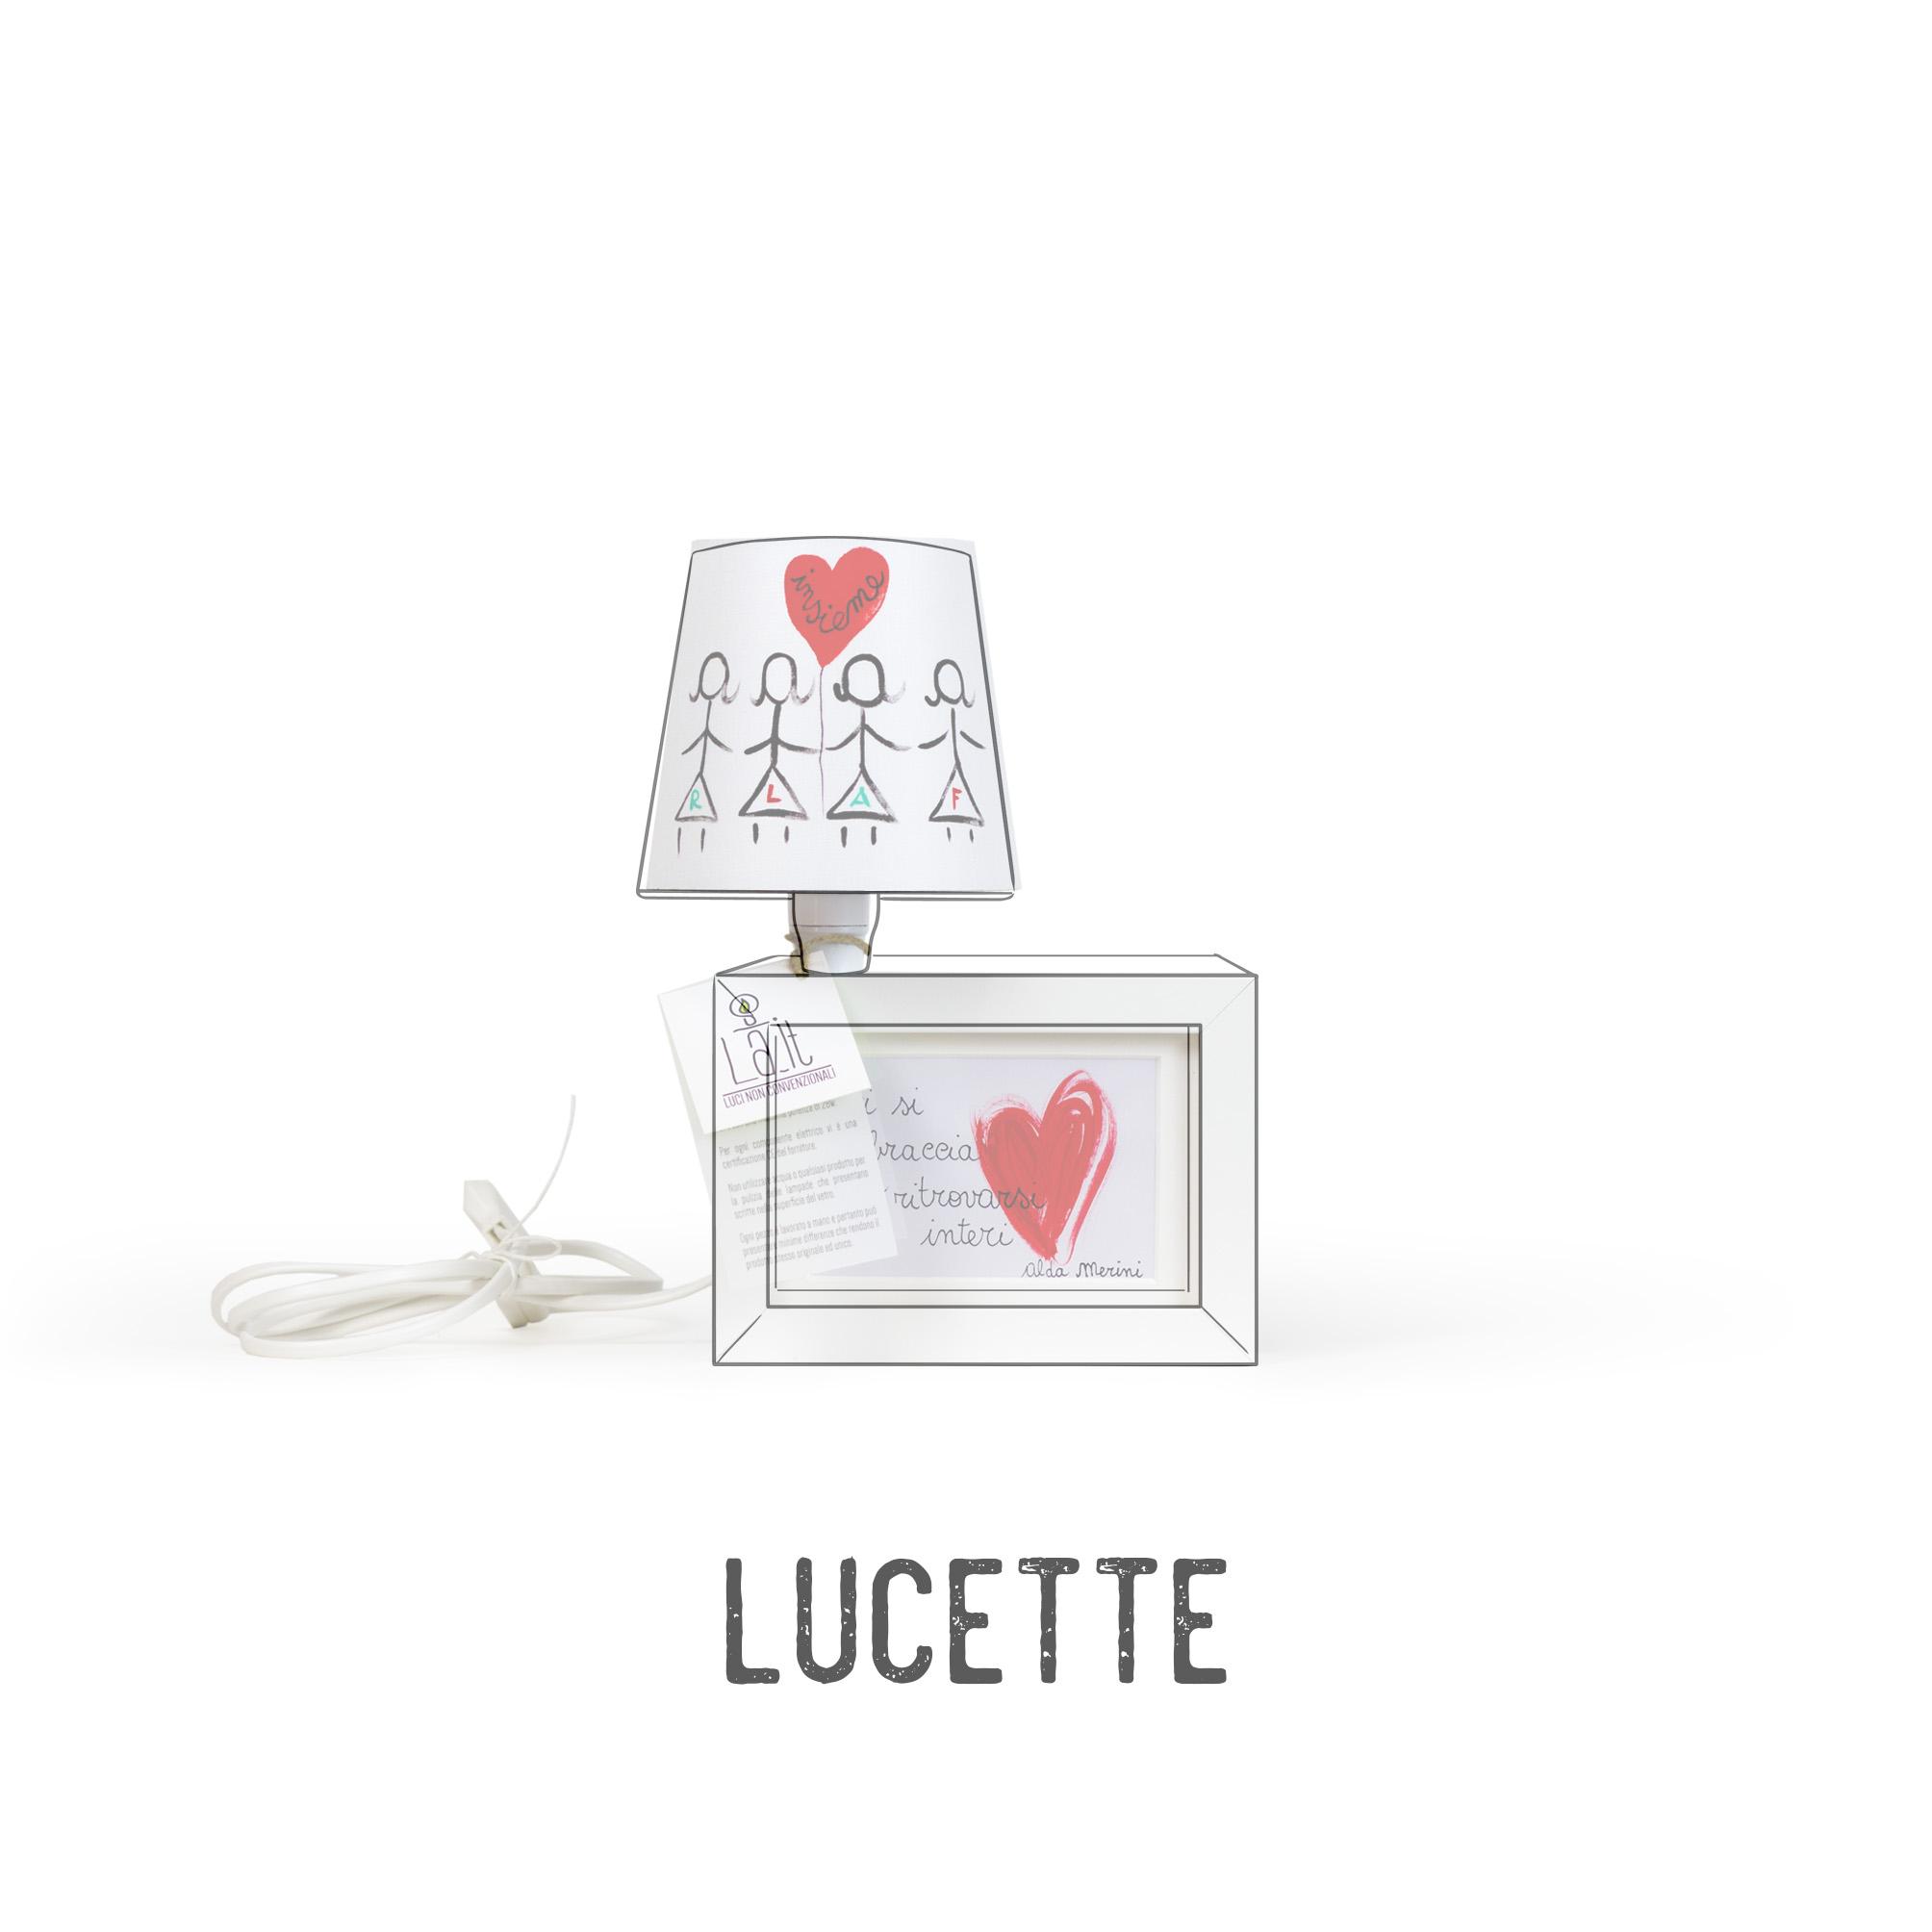 Contenuto Lucette